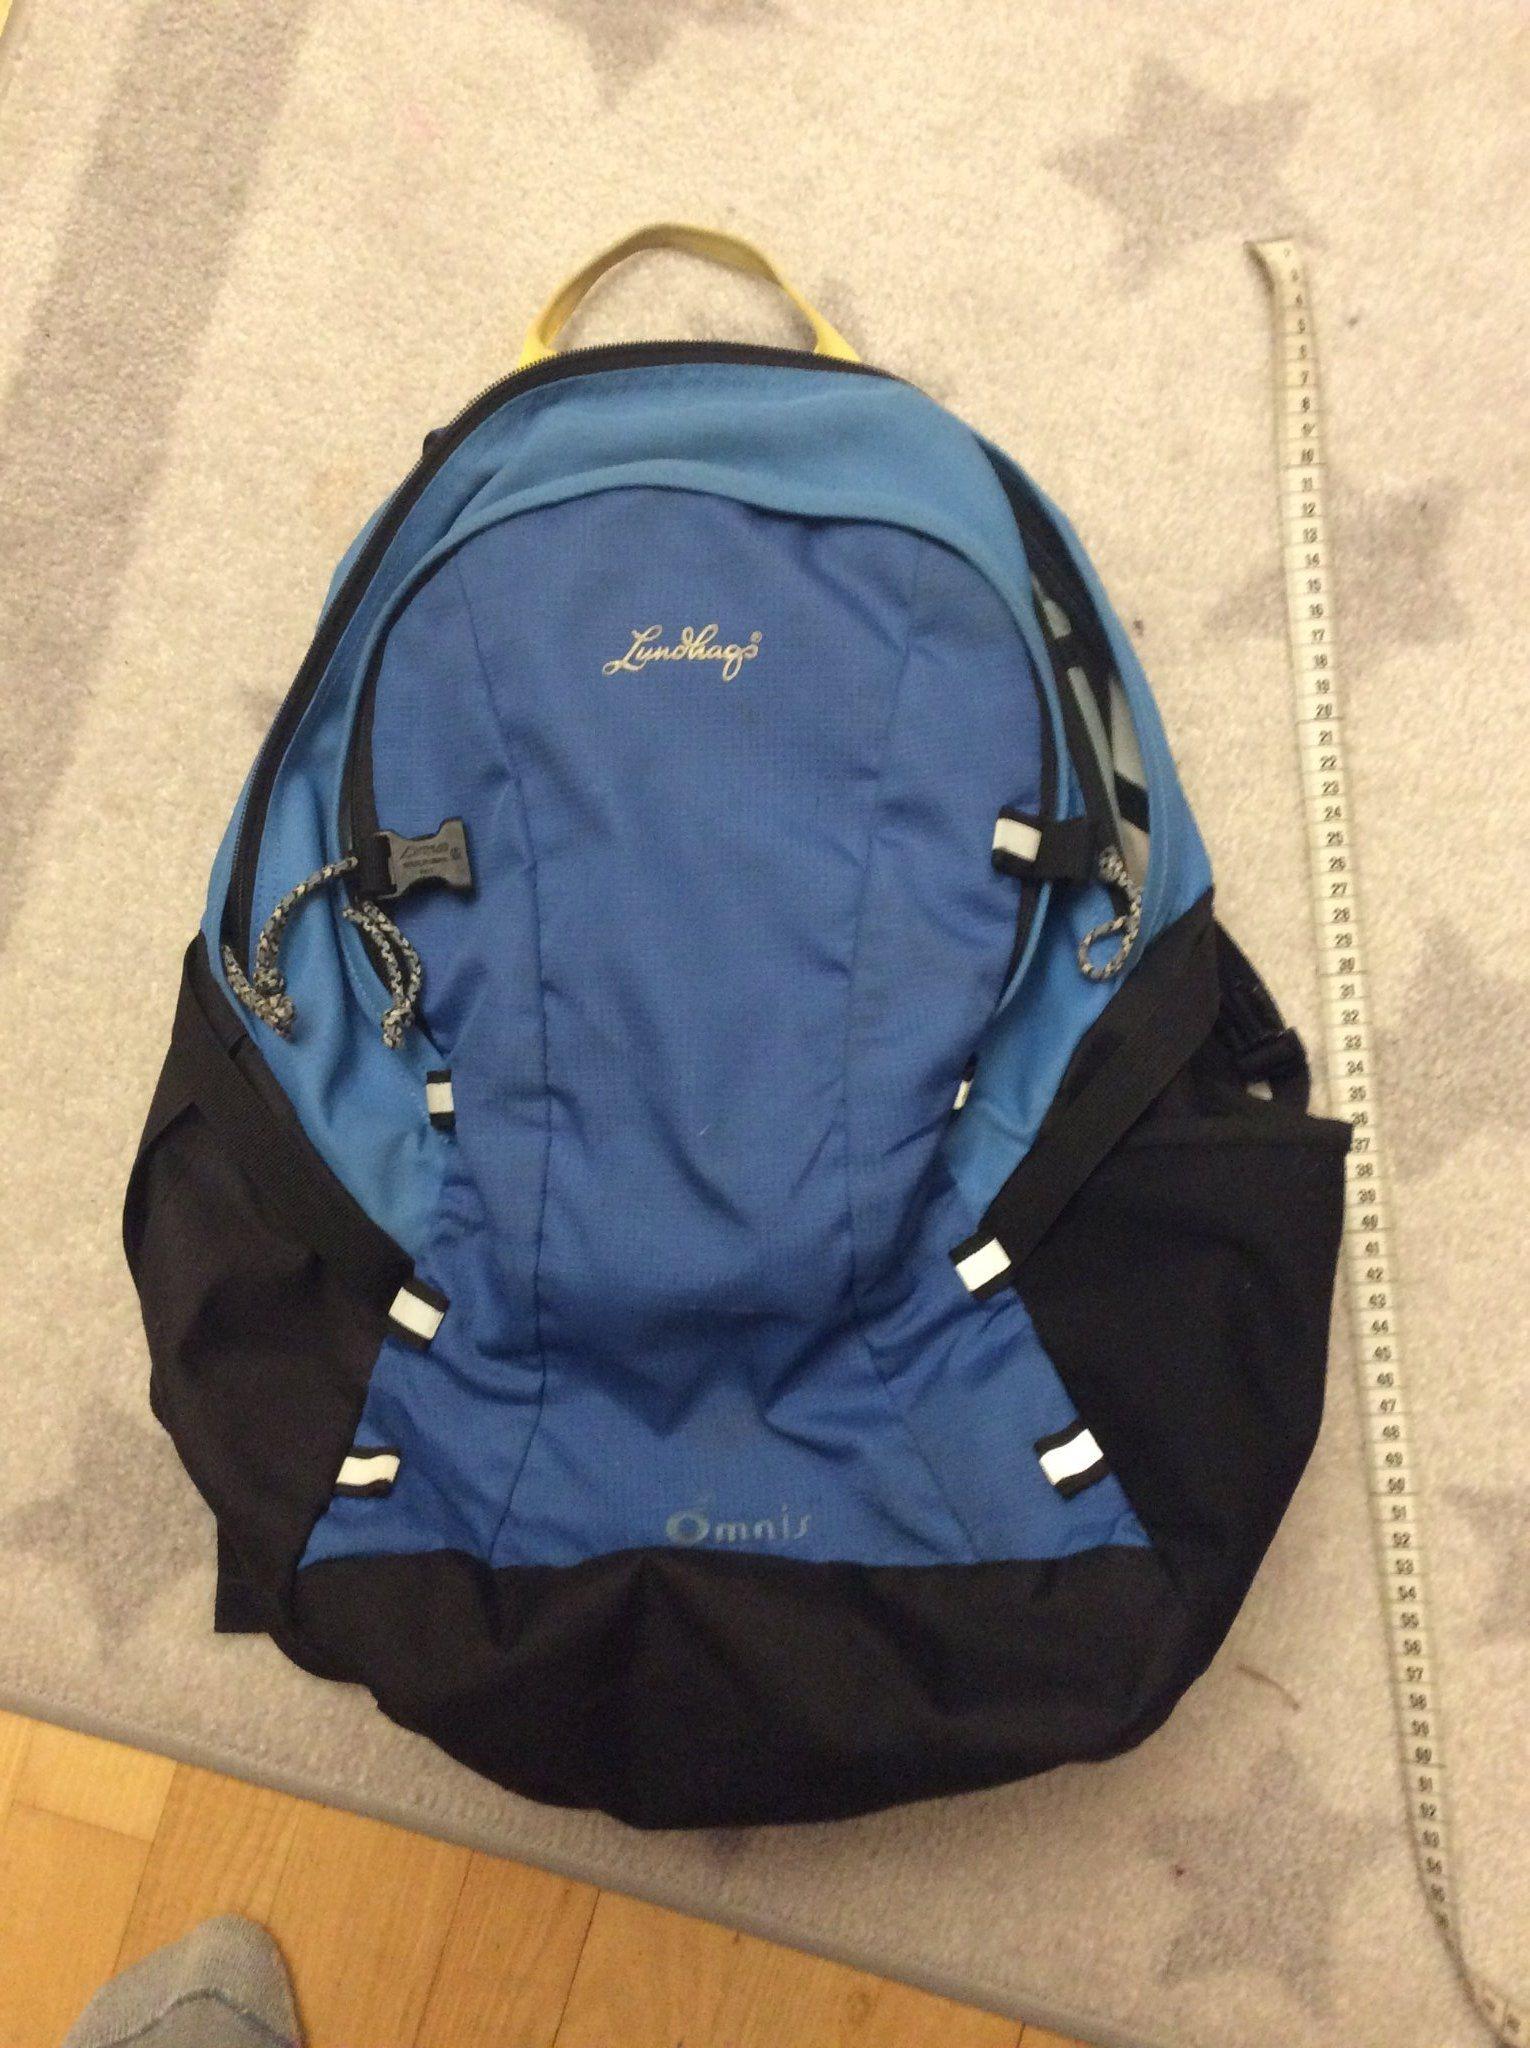 Lundhags ryggsäck omni ung 40 x 50 (340910424) ᐈ Köp på Tradera 11ea59f286666